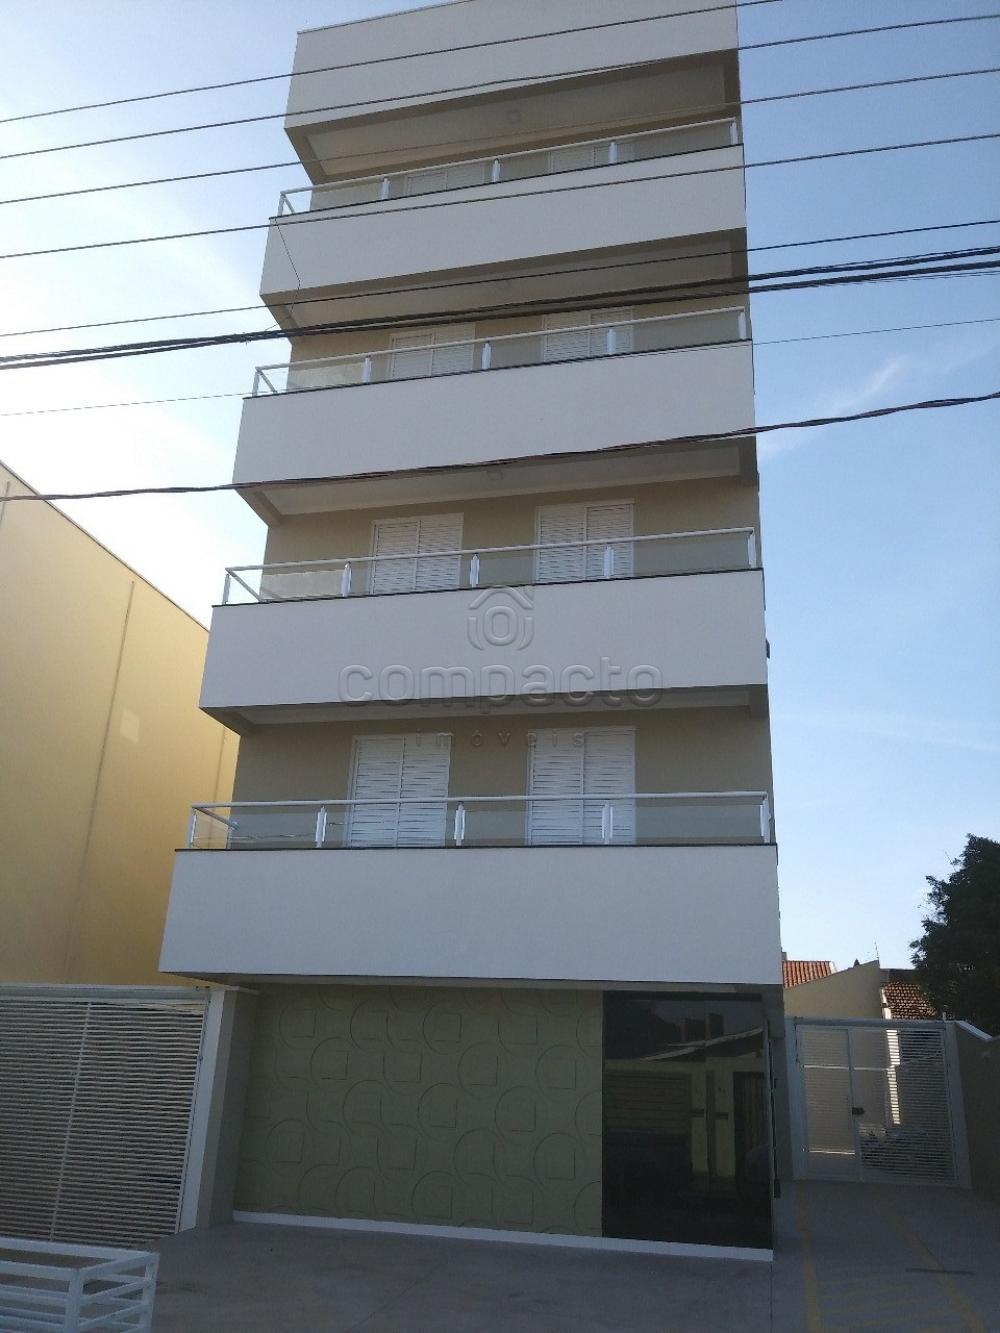 Comprar Apartamento / Padrão em São José do Rio Preto apenas R$ 295.000,00 - Foto 1